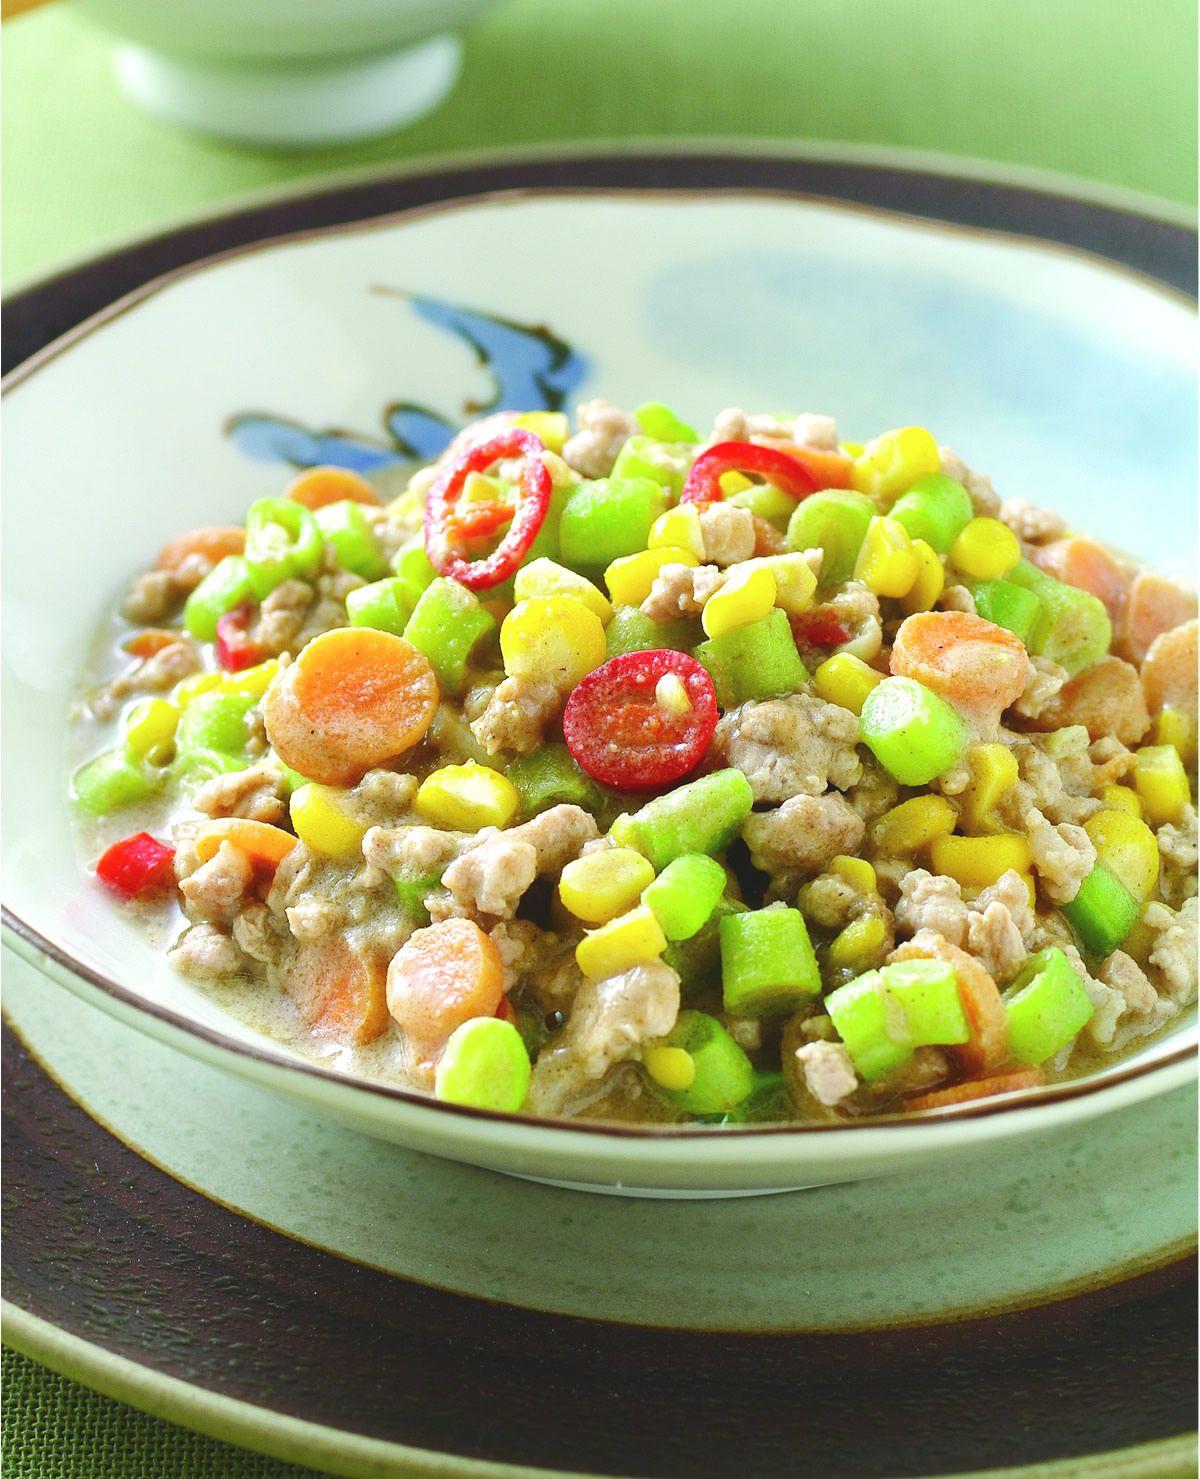 食譜:芝麻蔬菜肉醬